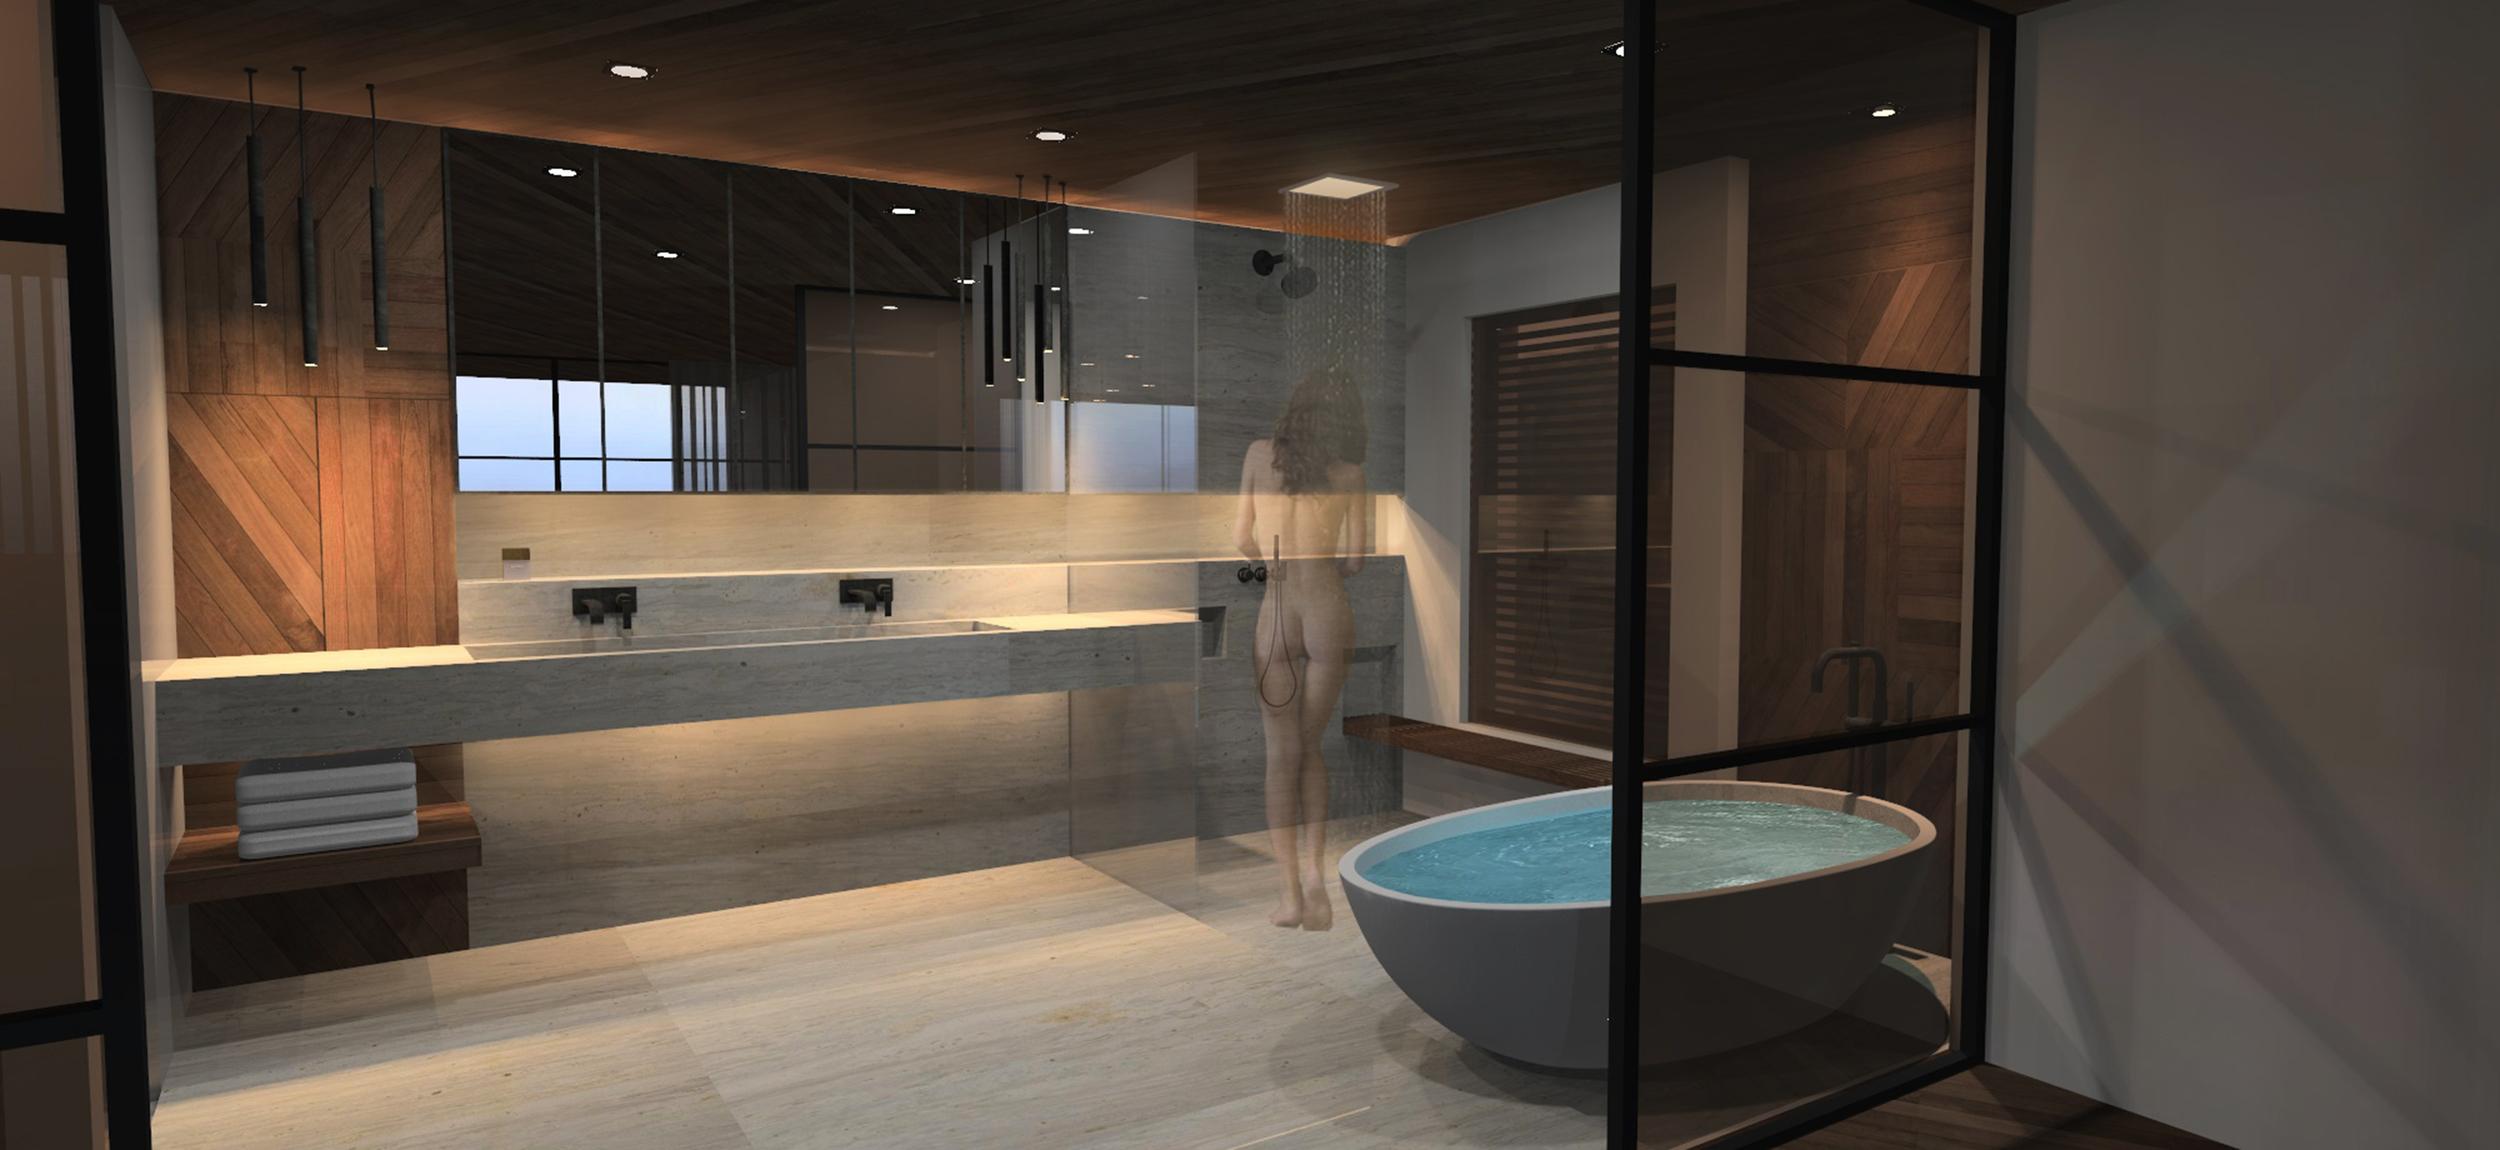 Master Bath 32415.jpg